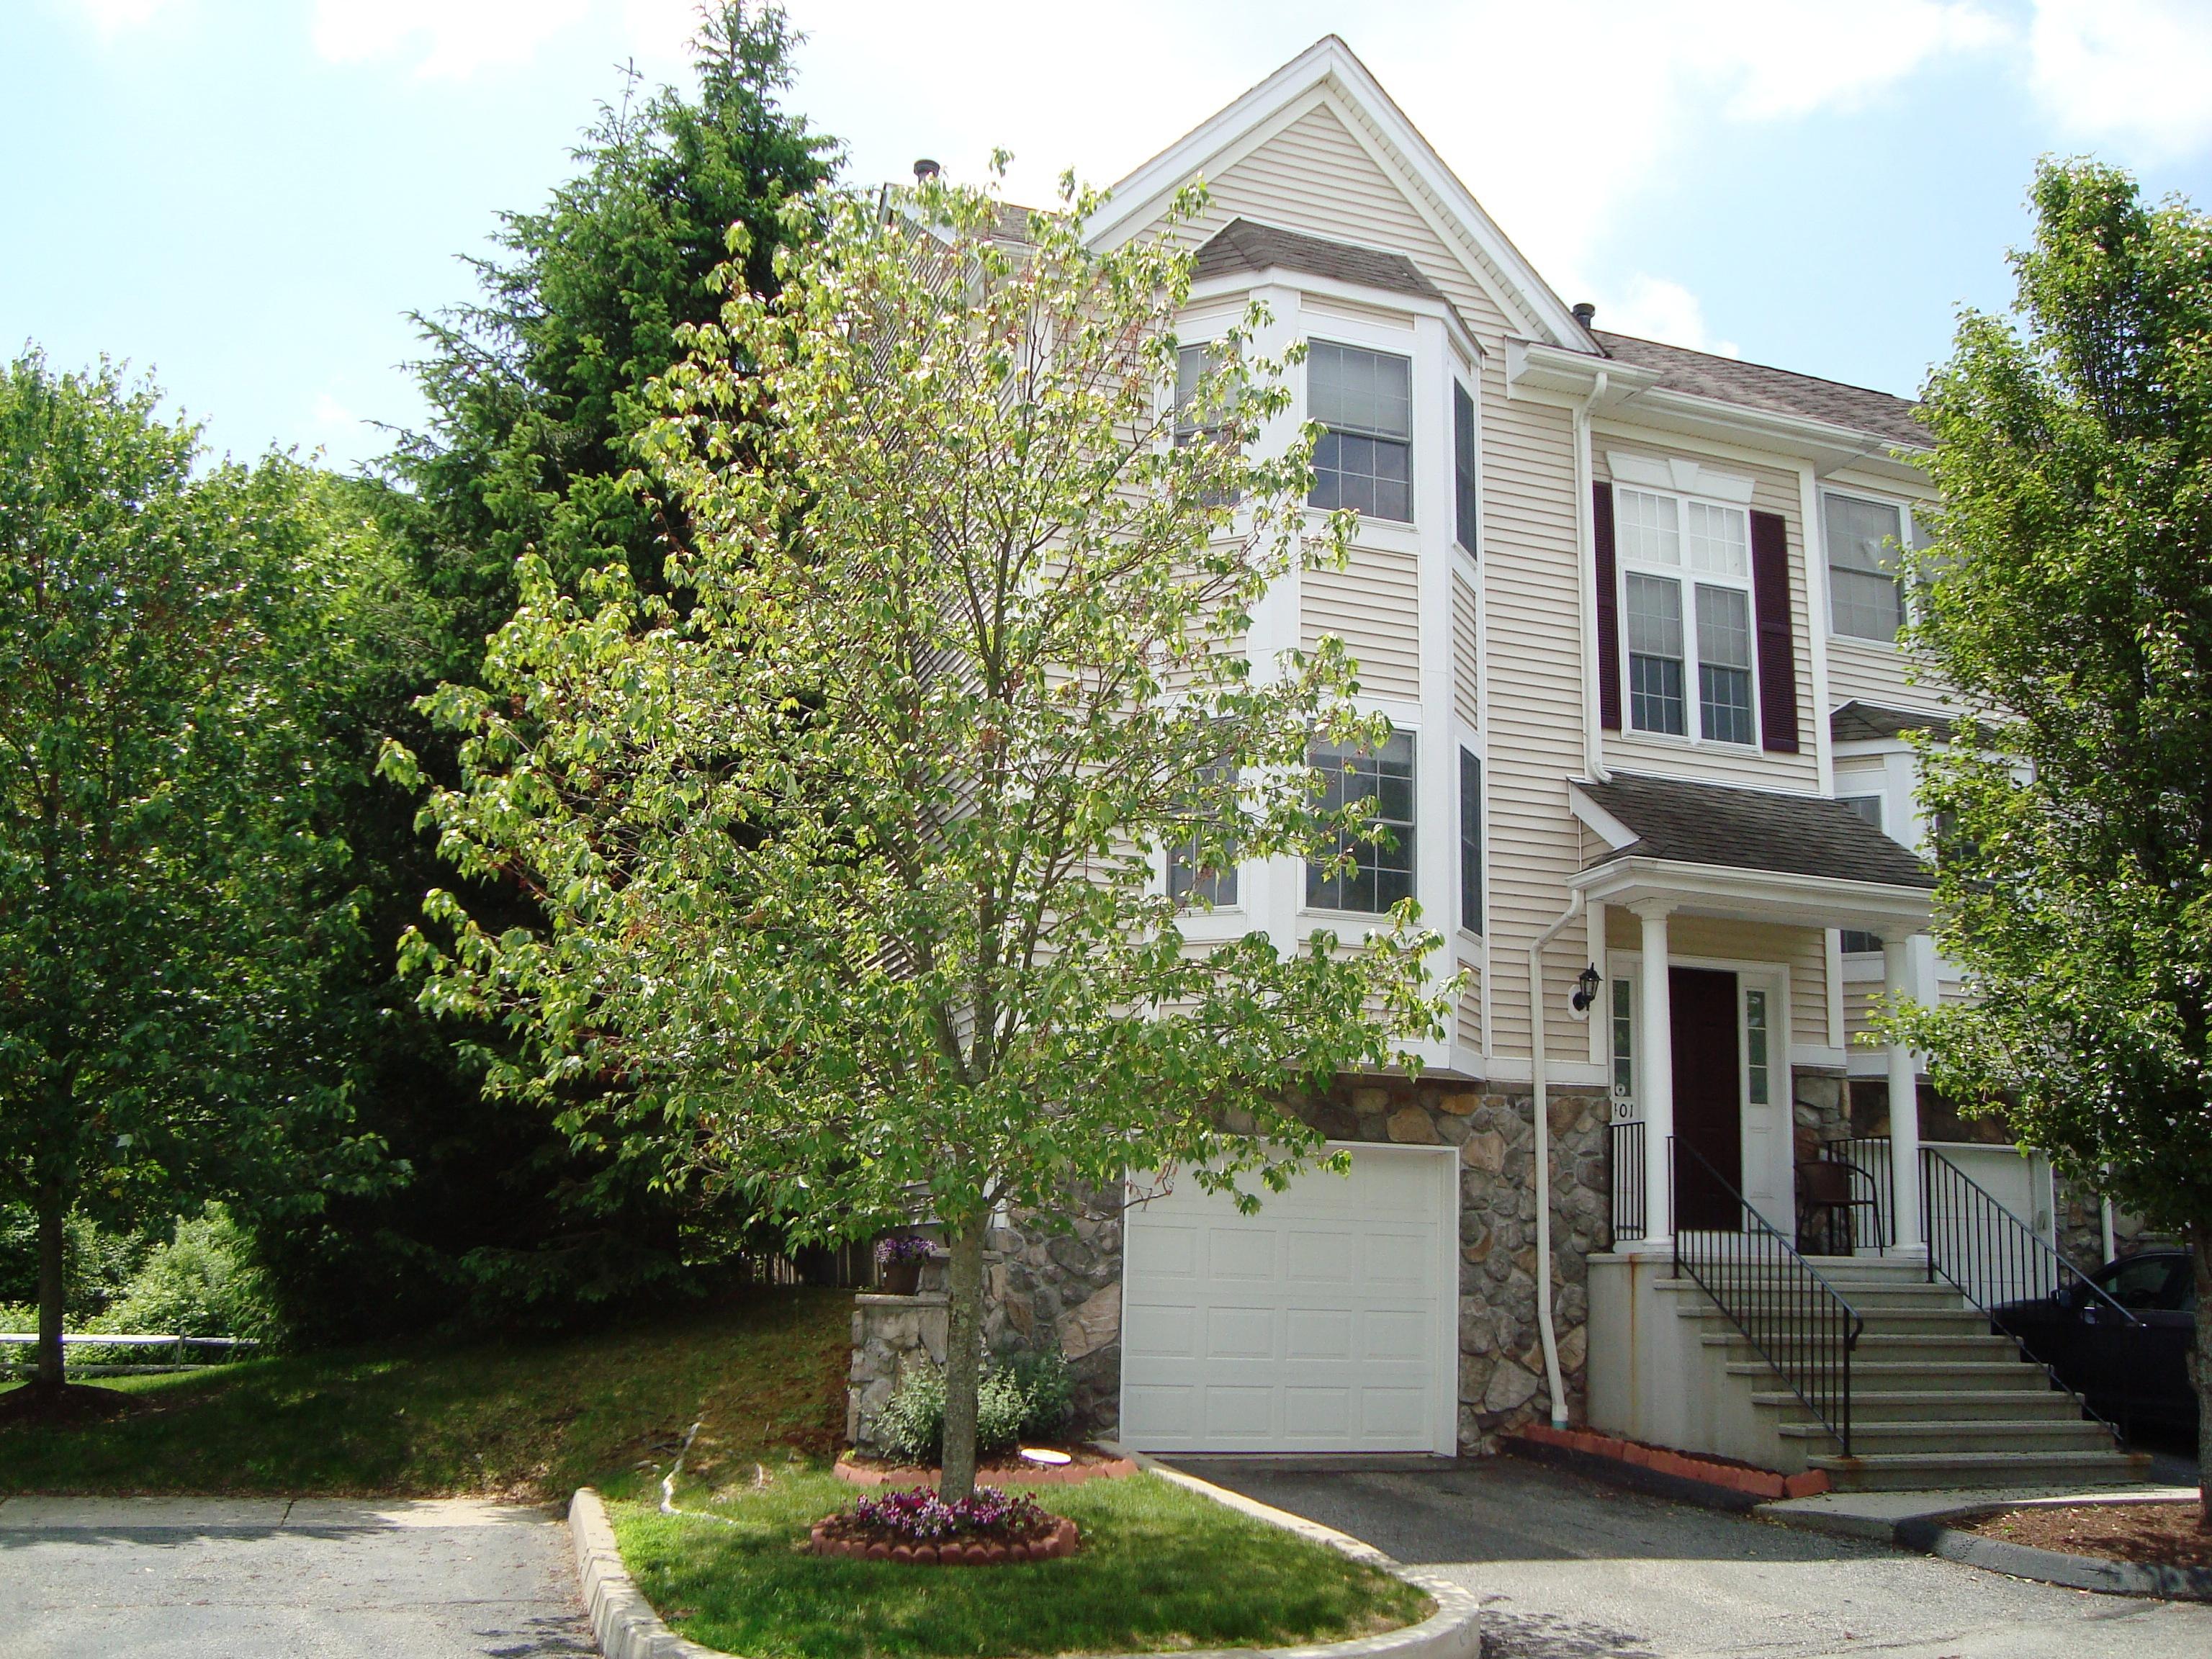 Nhà phố vì Bán tại Townhouse With A Scenic View 401 Larson Drive 401 Danbury, Connecticut 06810 Hoa Kỳ